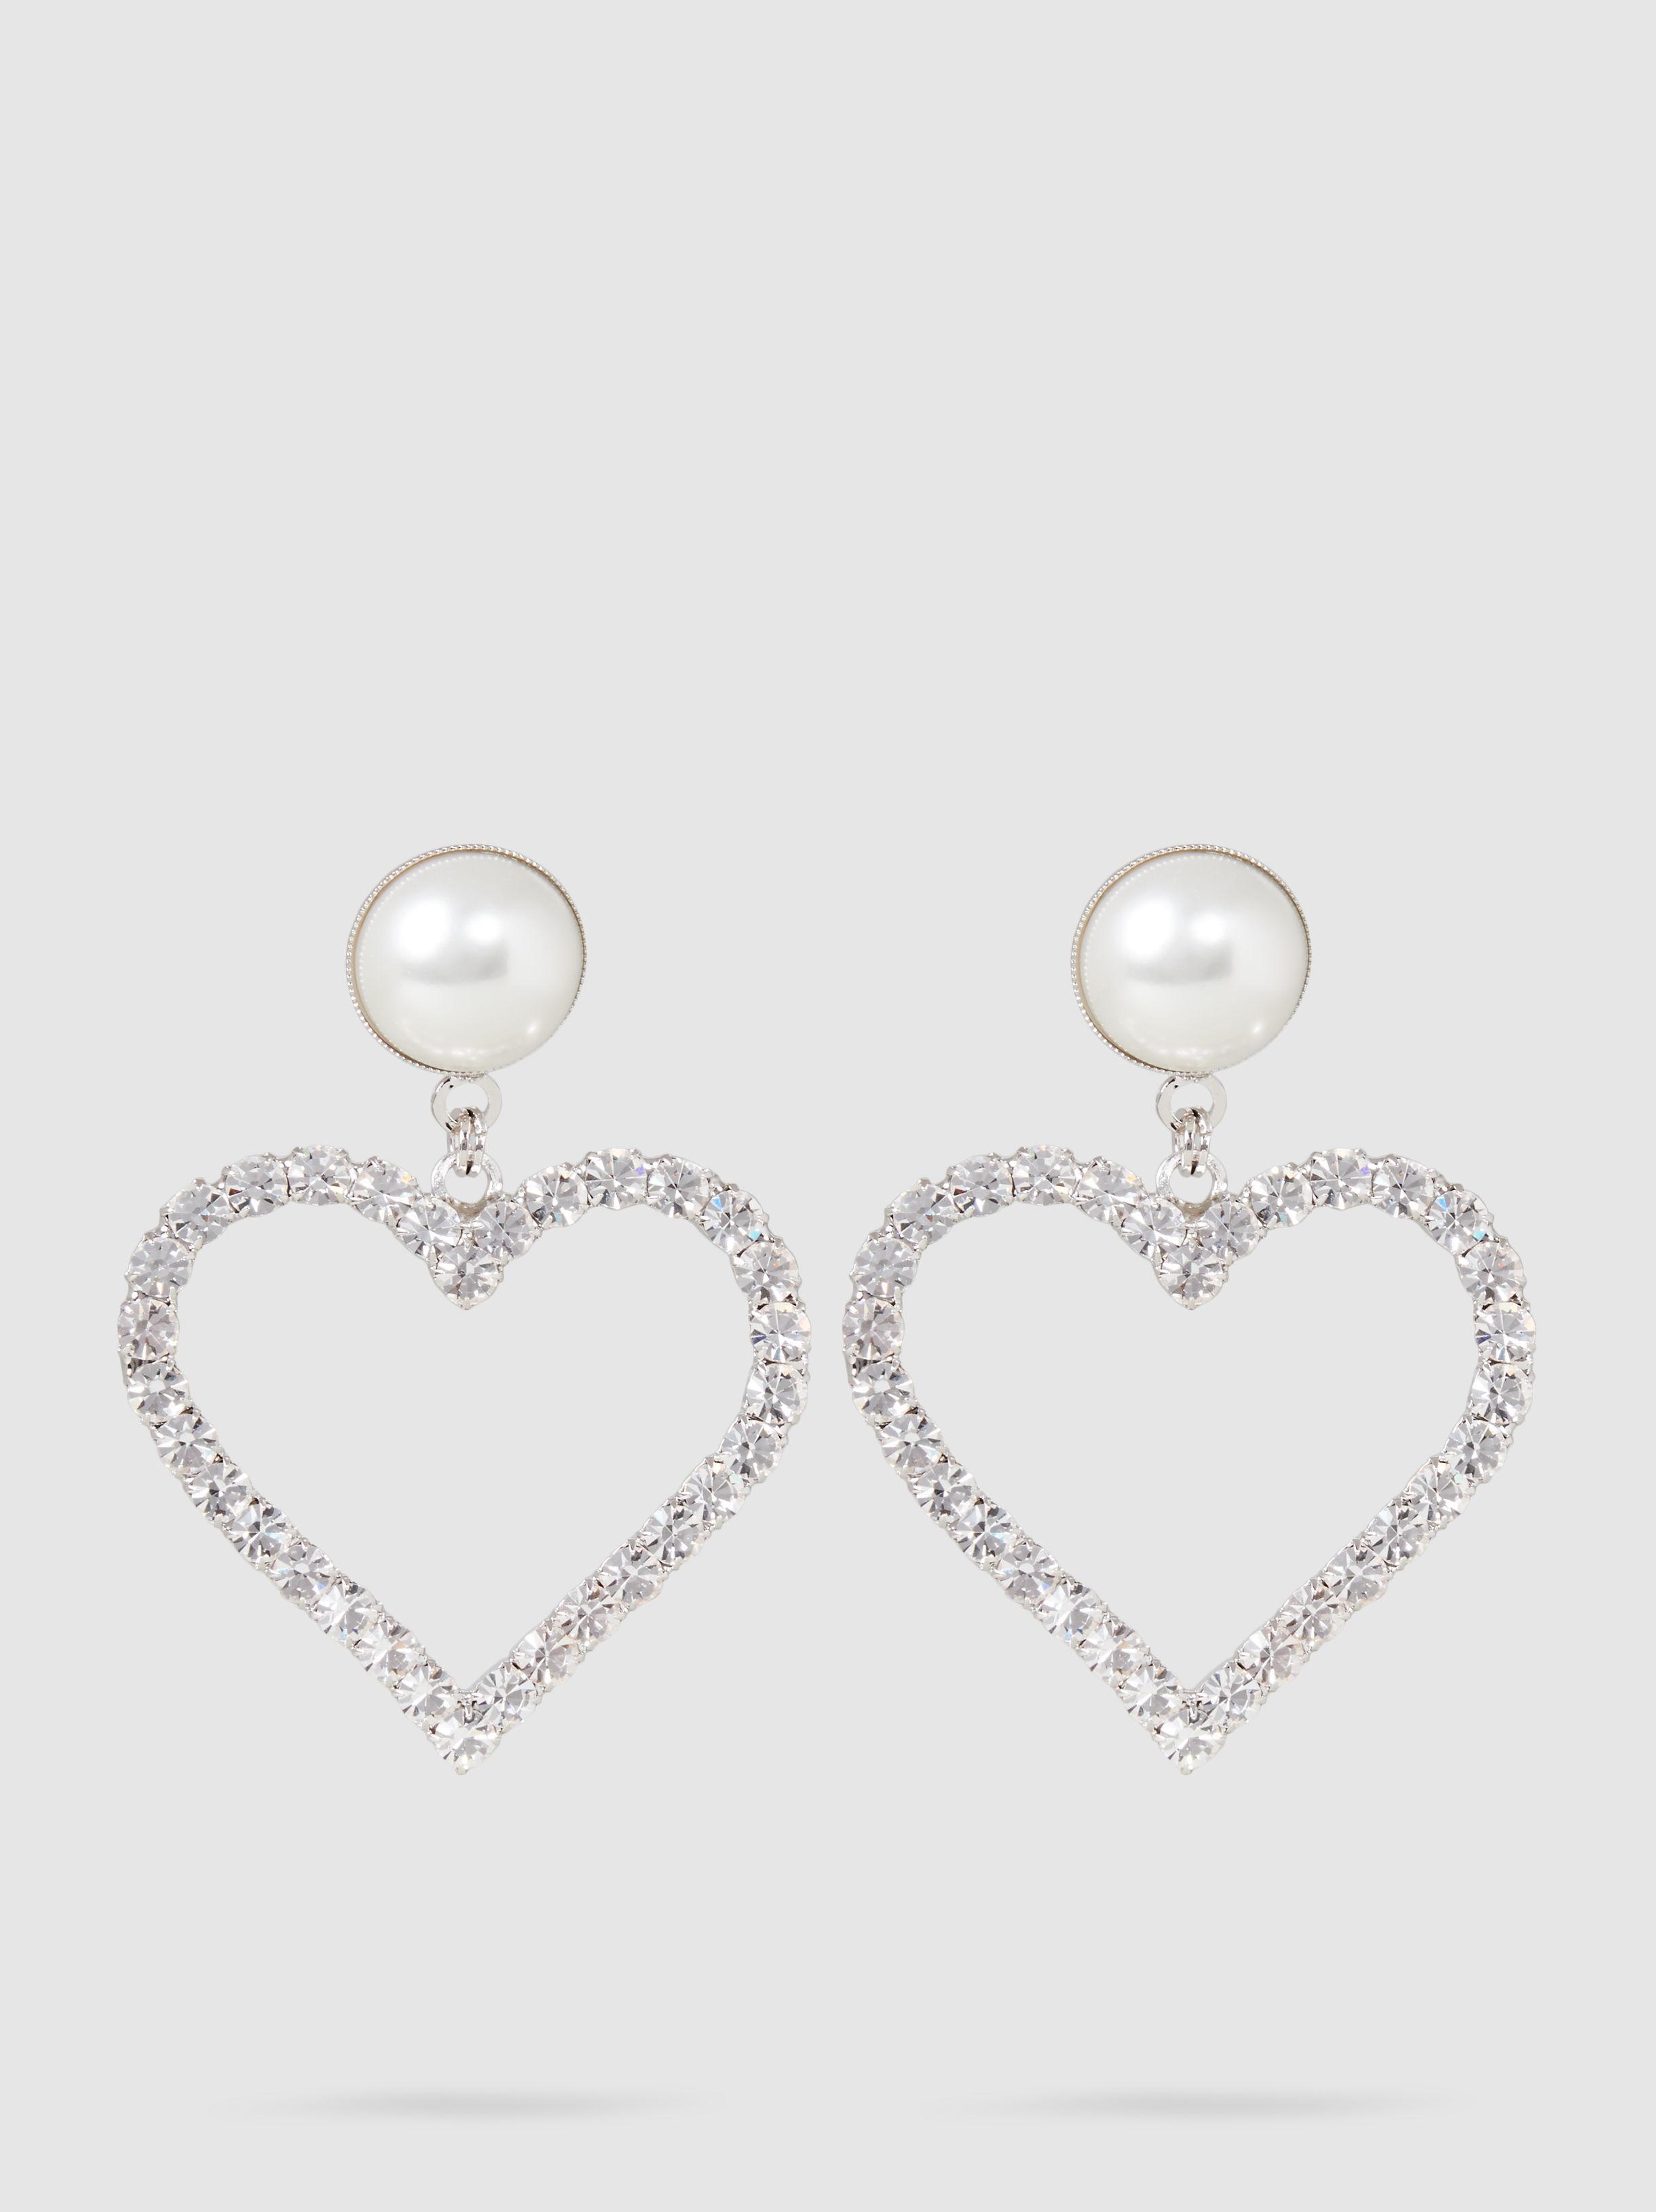 Alessandra Rich Rose Faux-Pearl Earrings txk8oHPp4